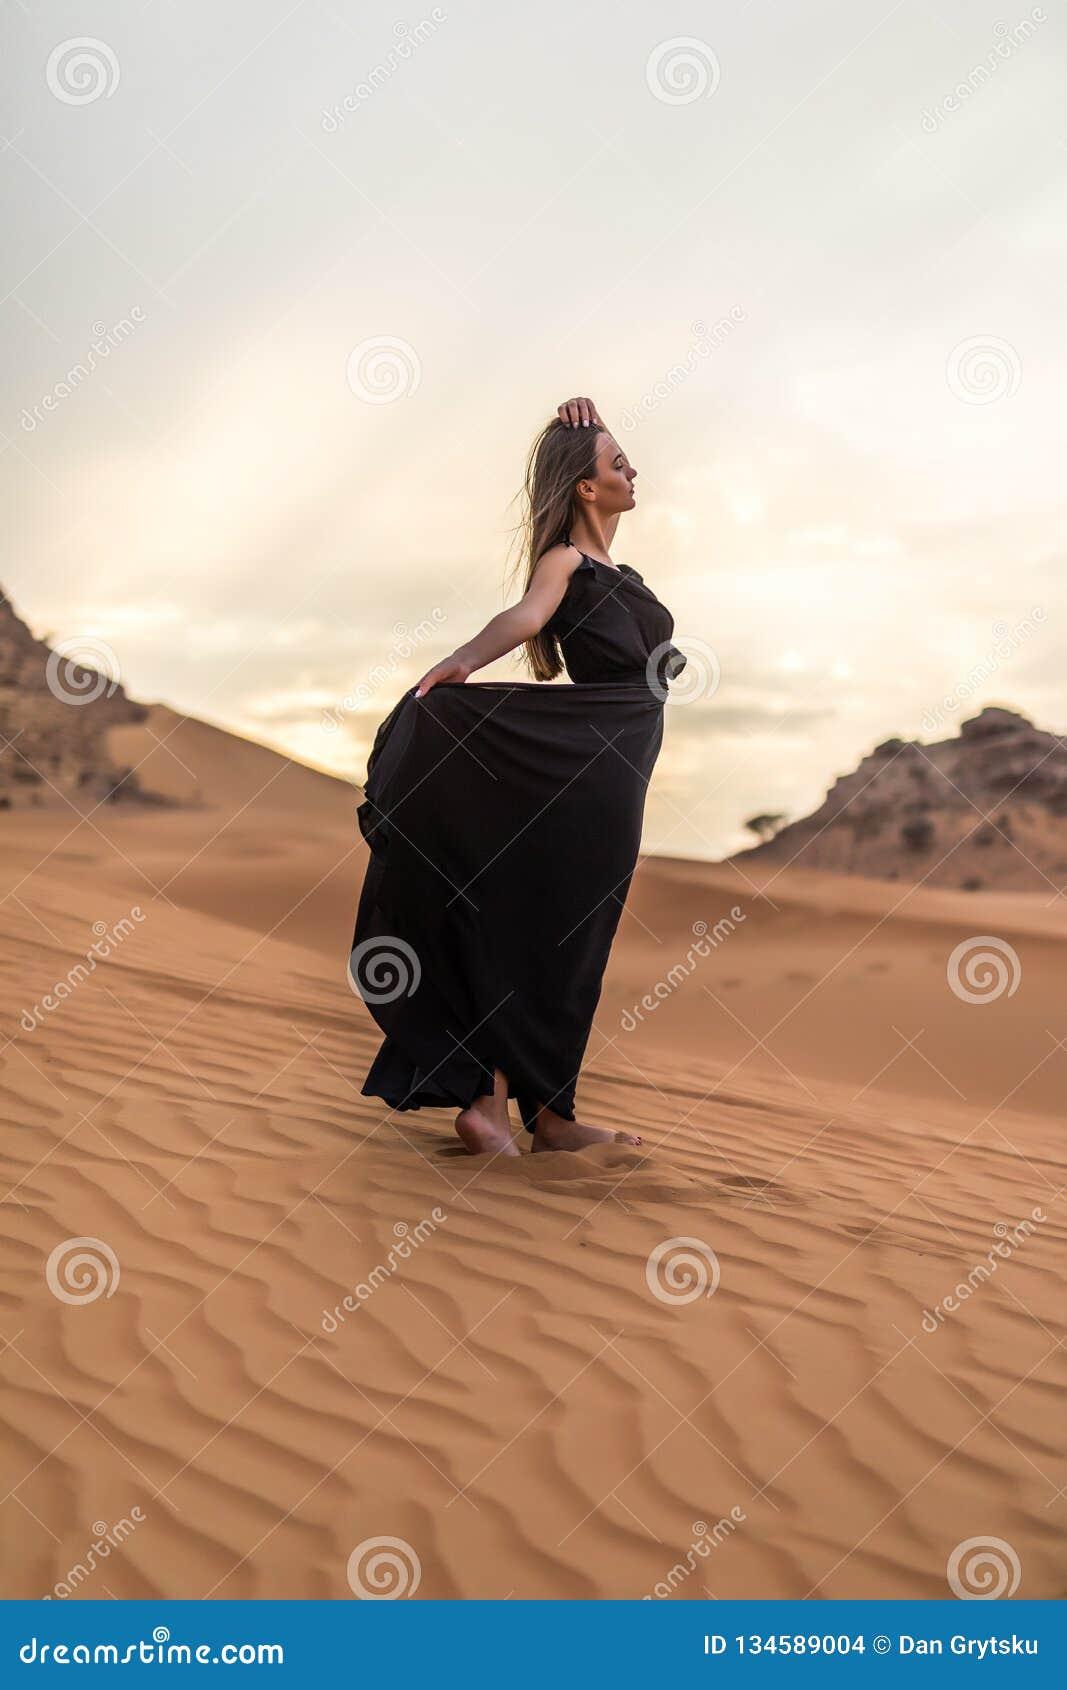 Πορτρέτο της όμορφης νέας γυναίκας τοποθέτηση φορεμάτων πολύ κυματισμού στη μαύρη υπαίθρια στην αμμώδη έρημο